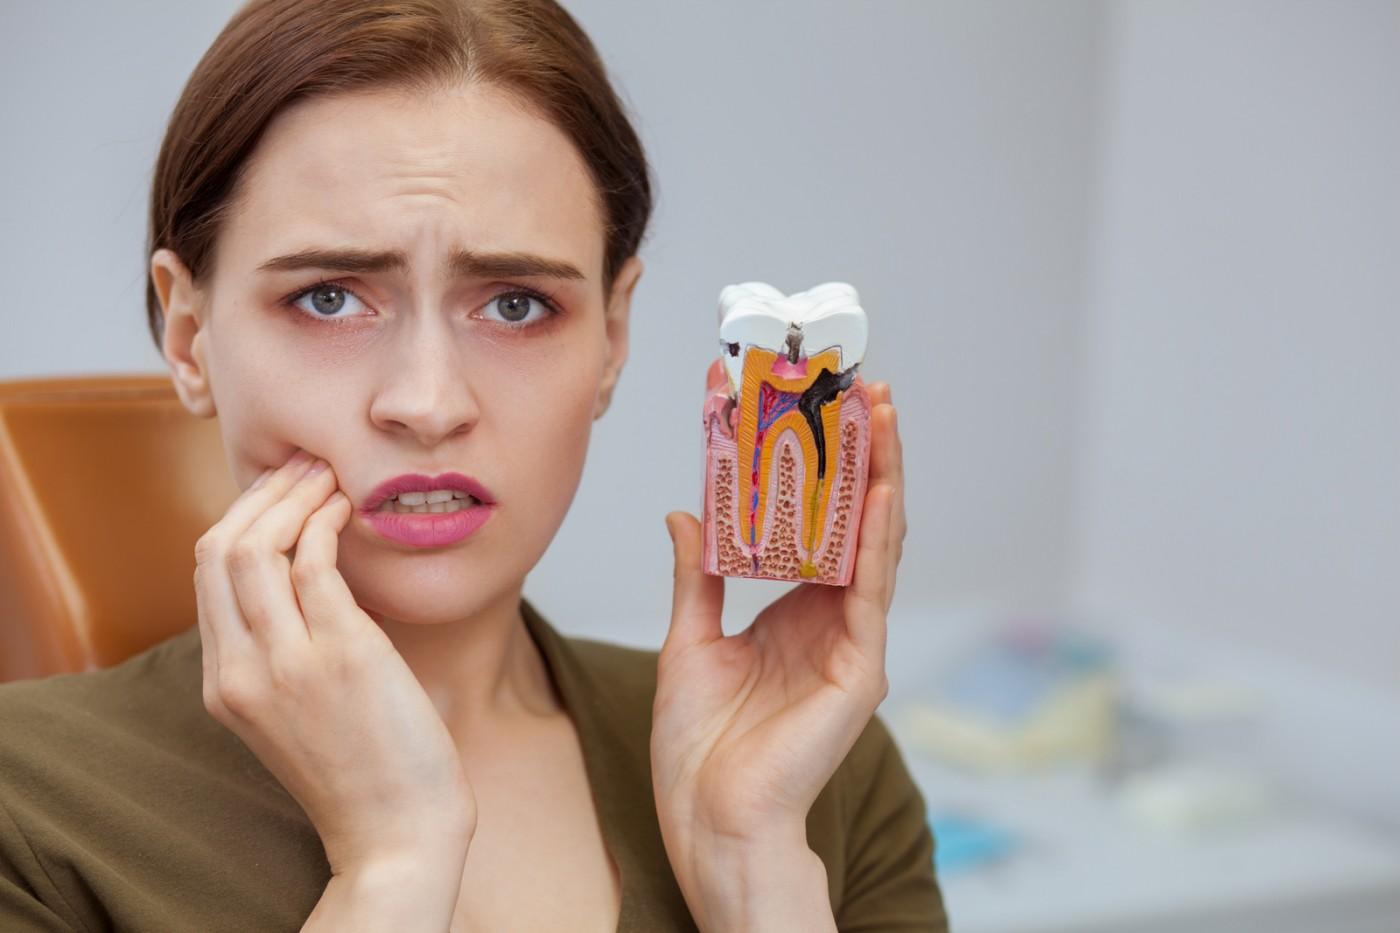 Solutii ale afecțiunilor dentare